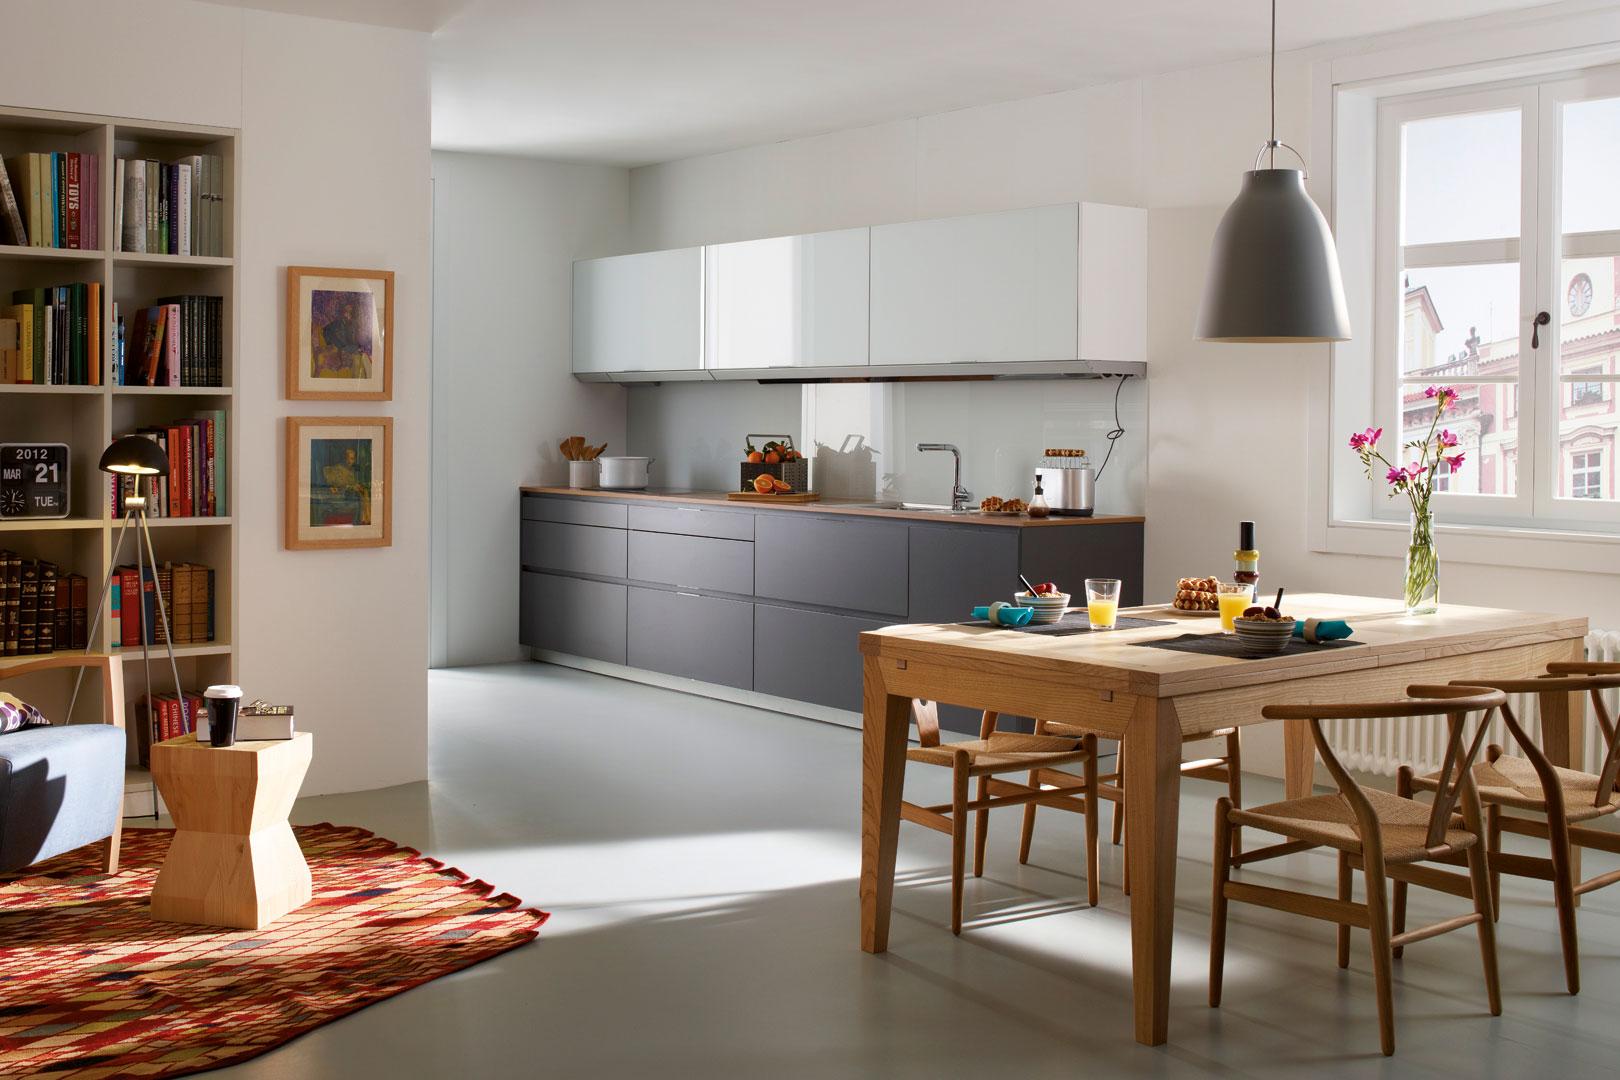 Encimeras de cocina | Laminado madera | Cocinas Santos | Santiago Interiores